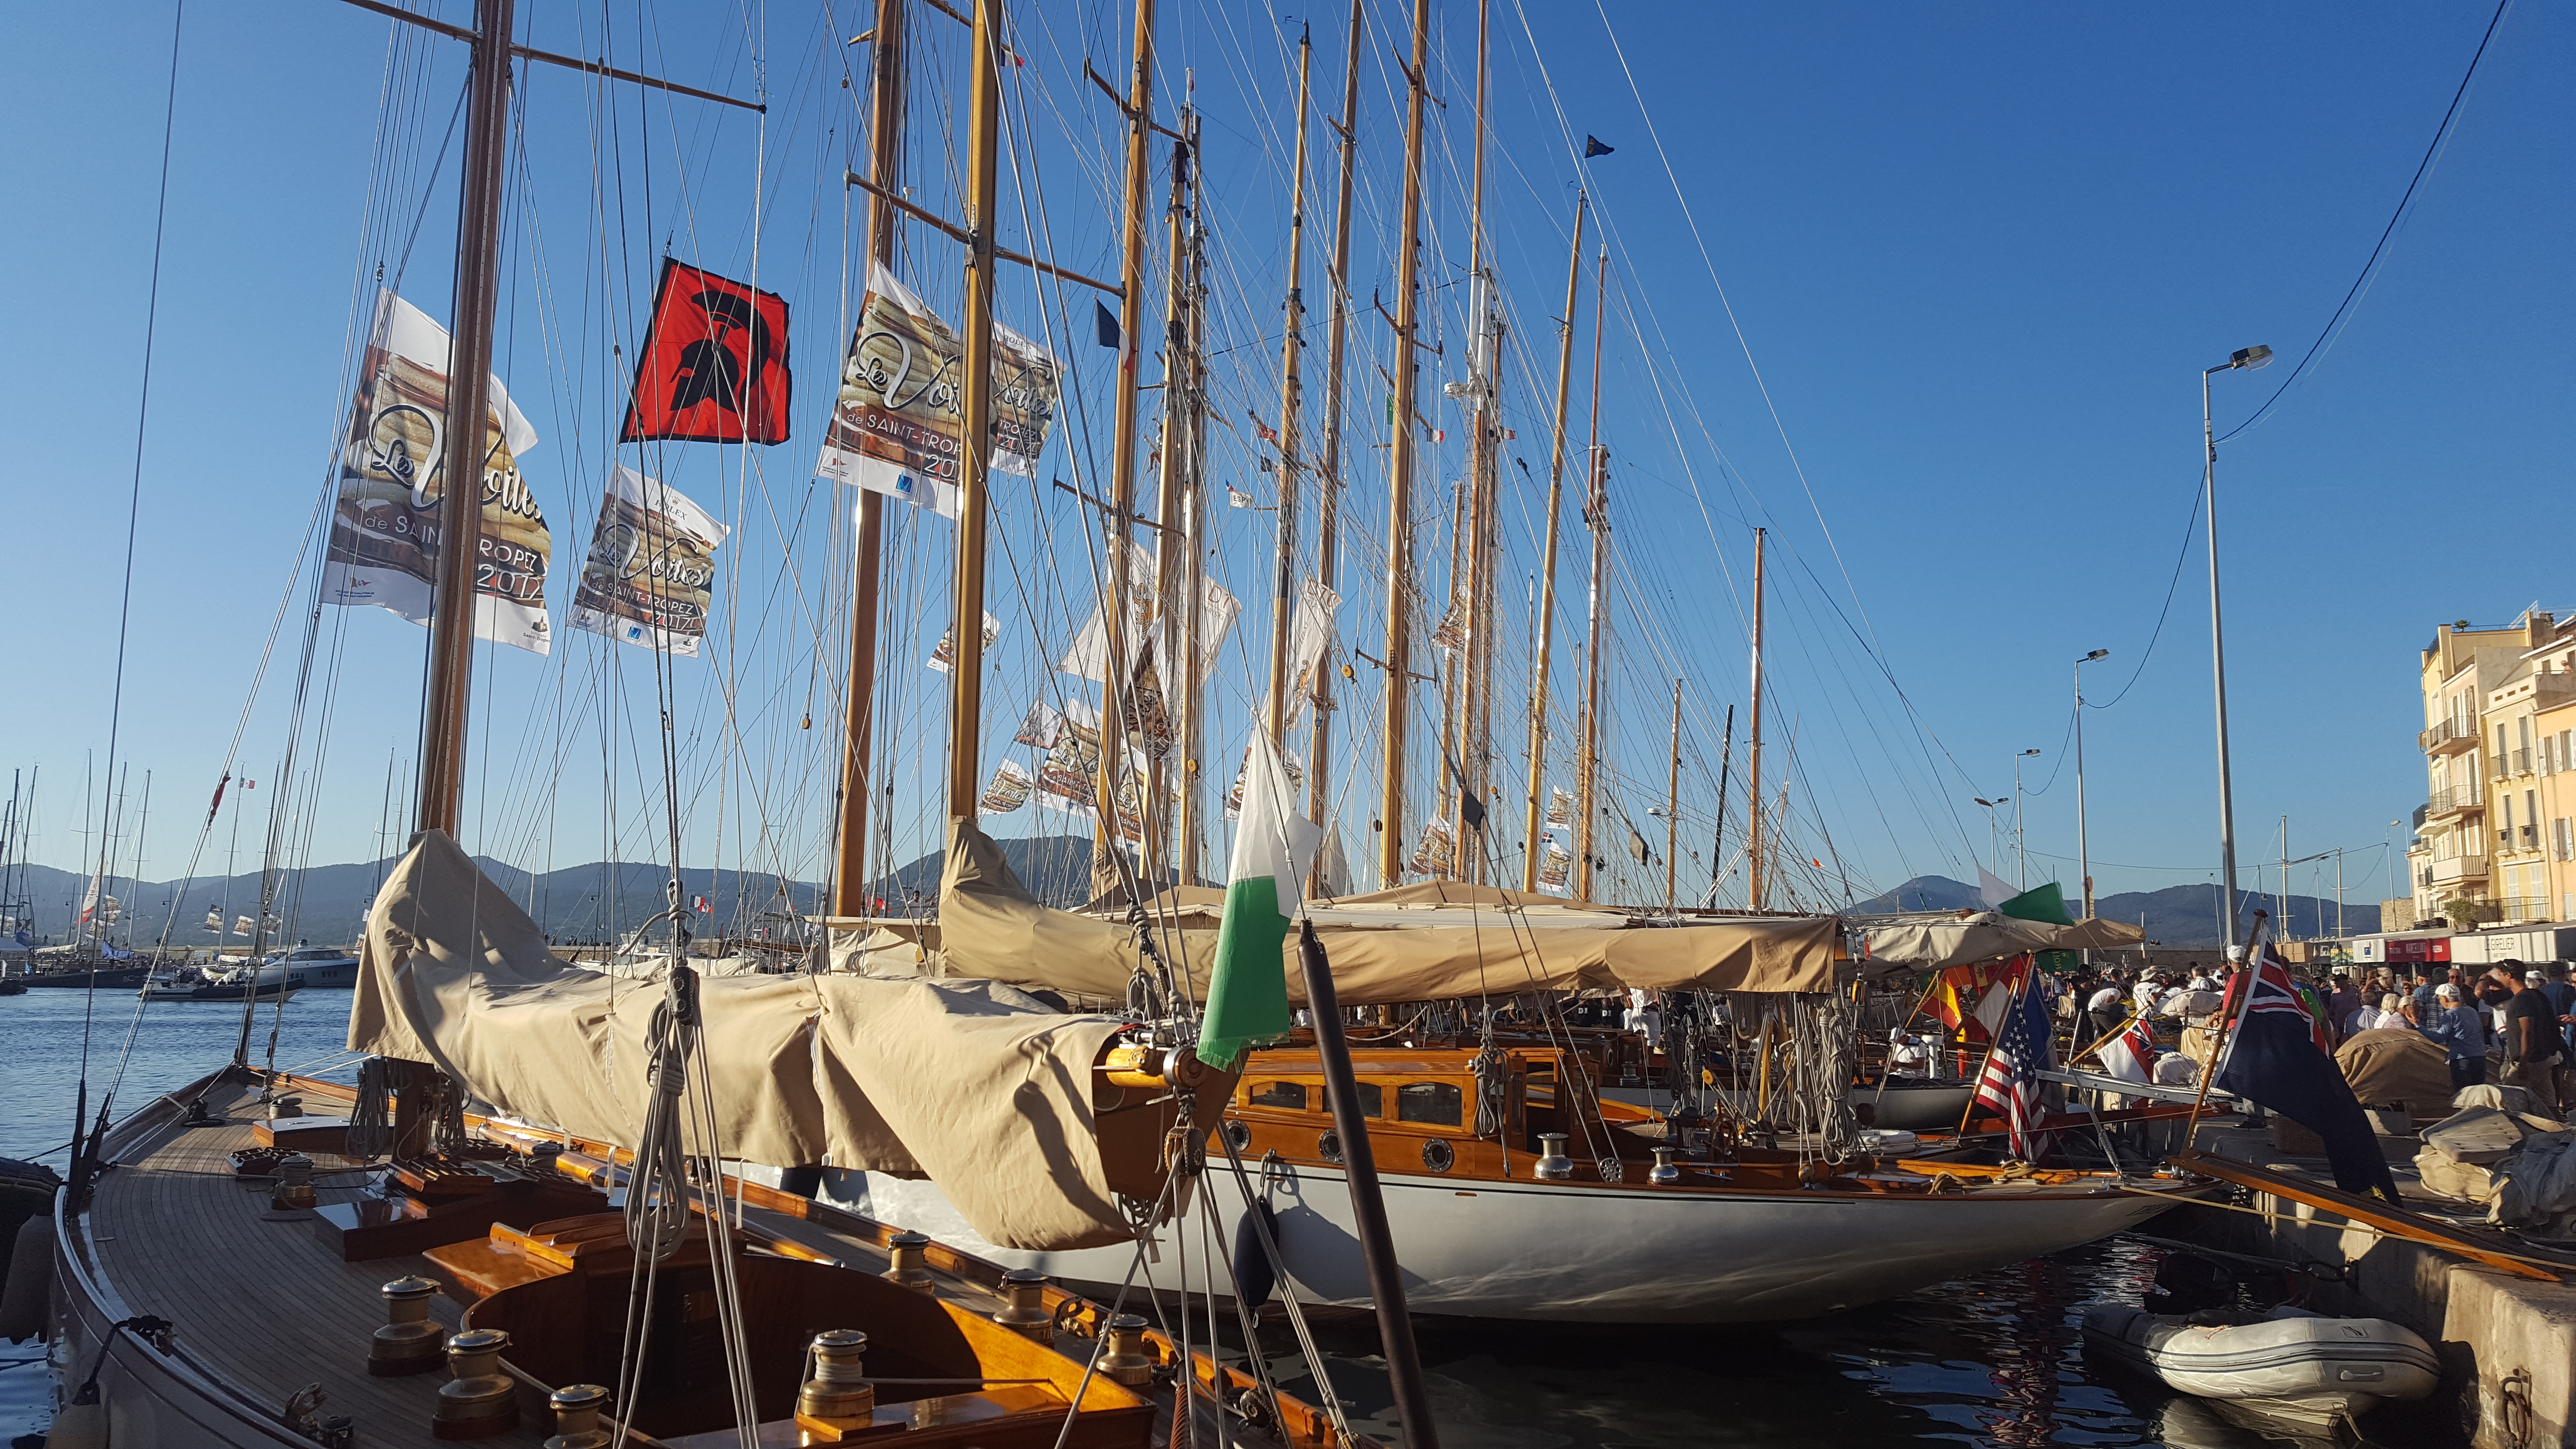 Les Voiles de St-Tropez septembre